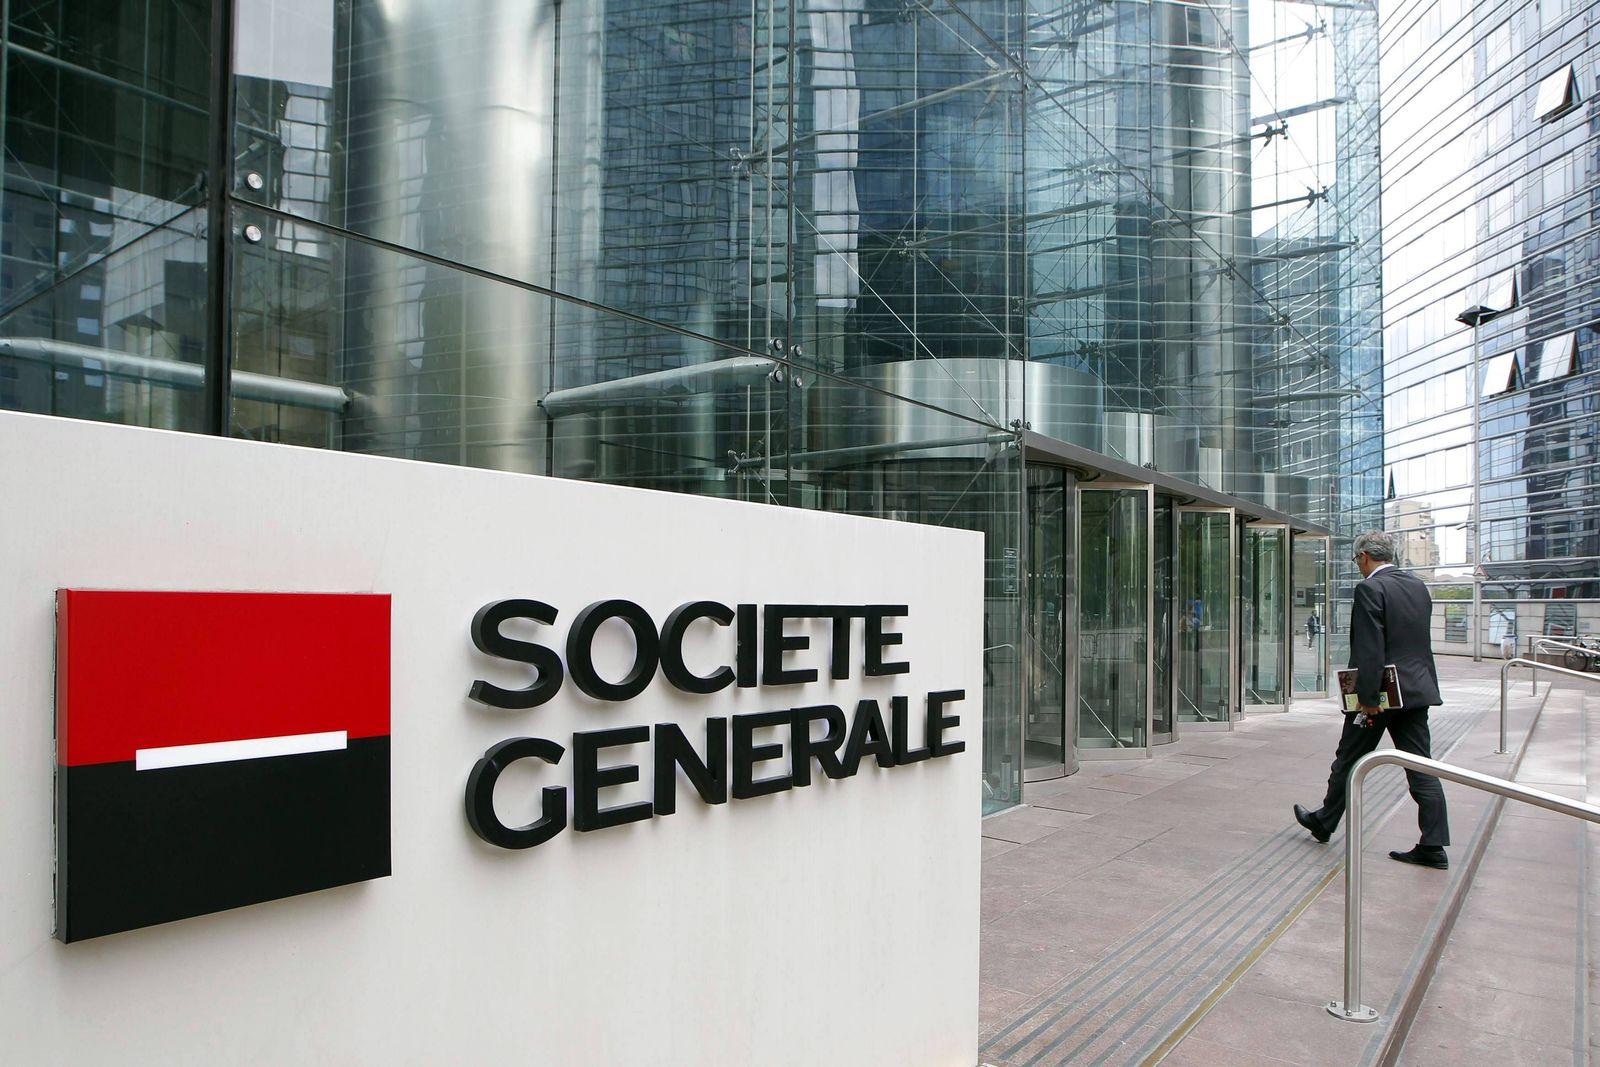 Societe Generale / Société Générale